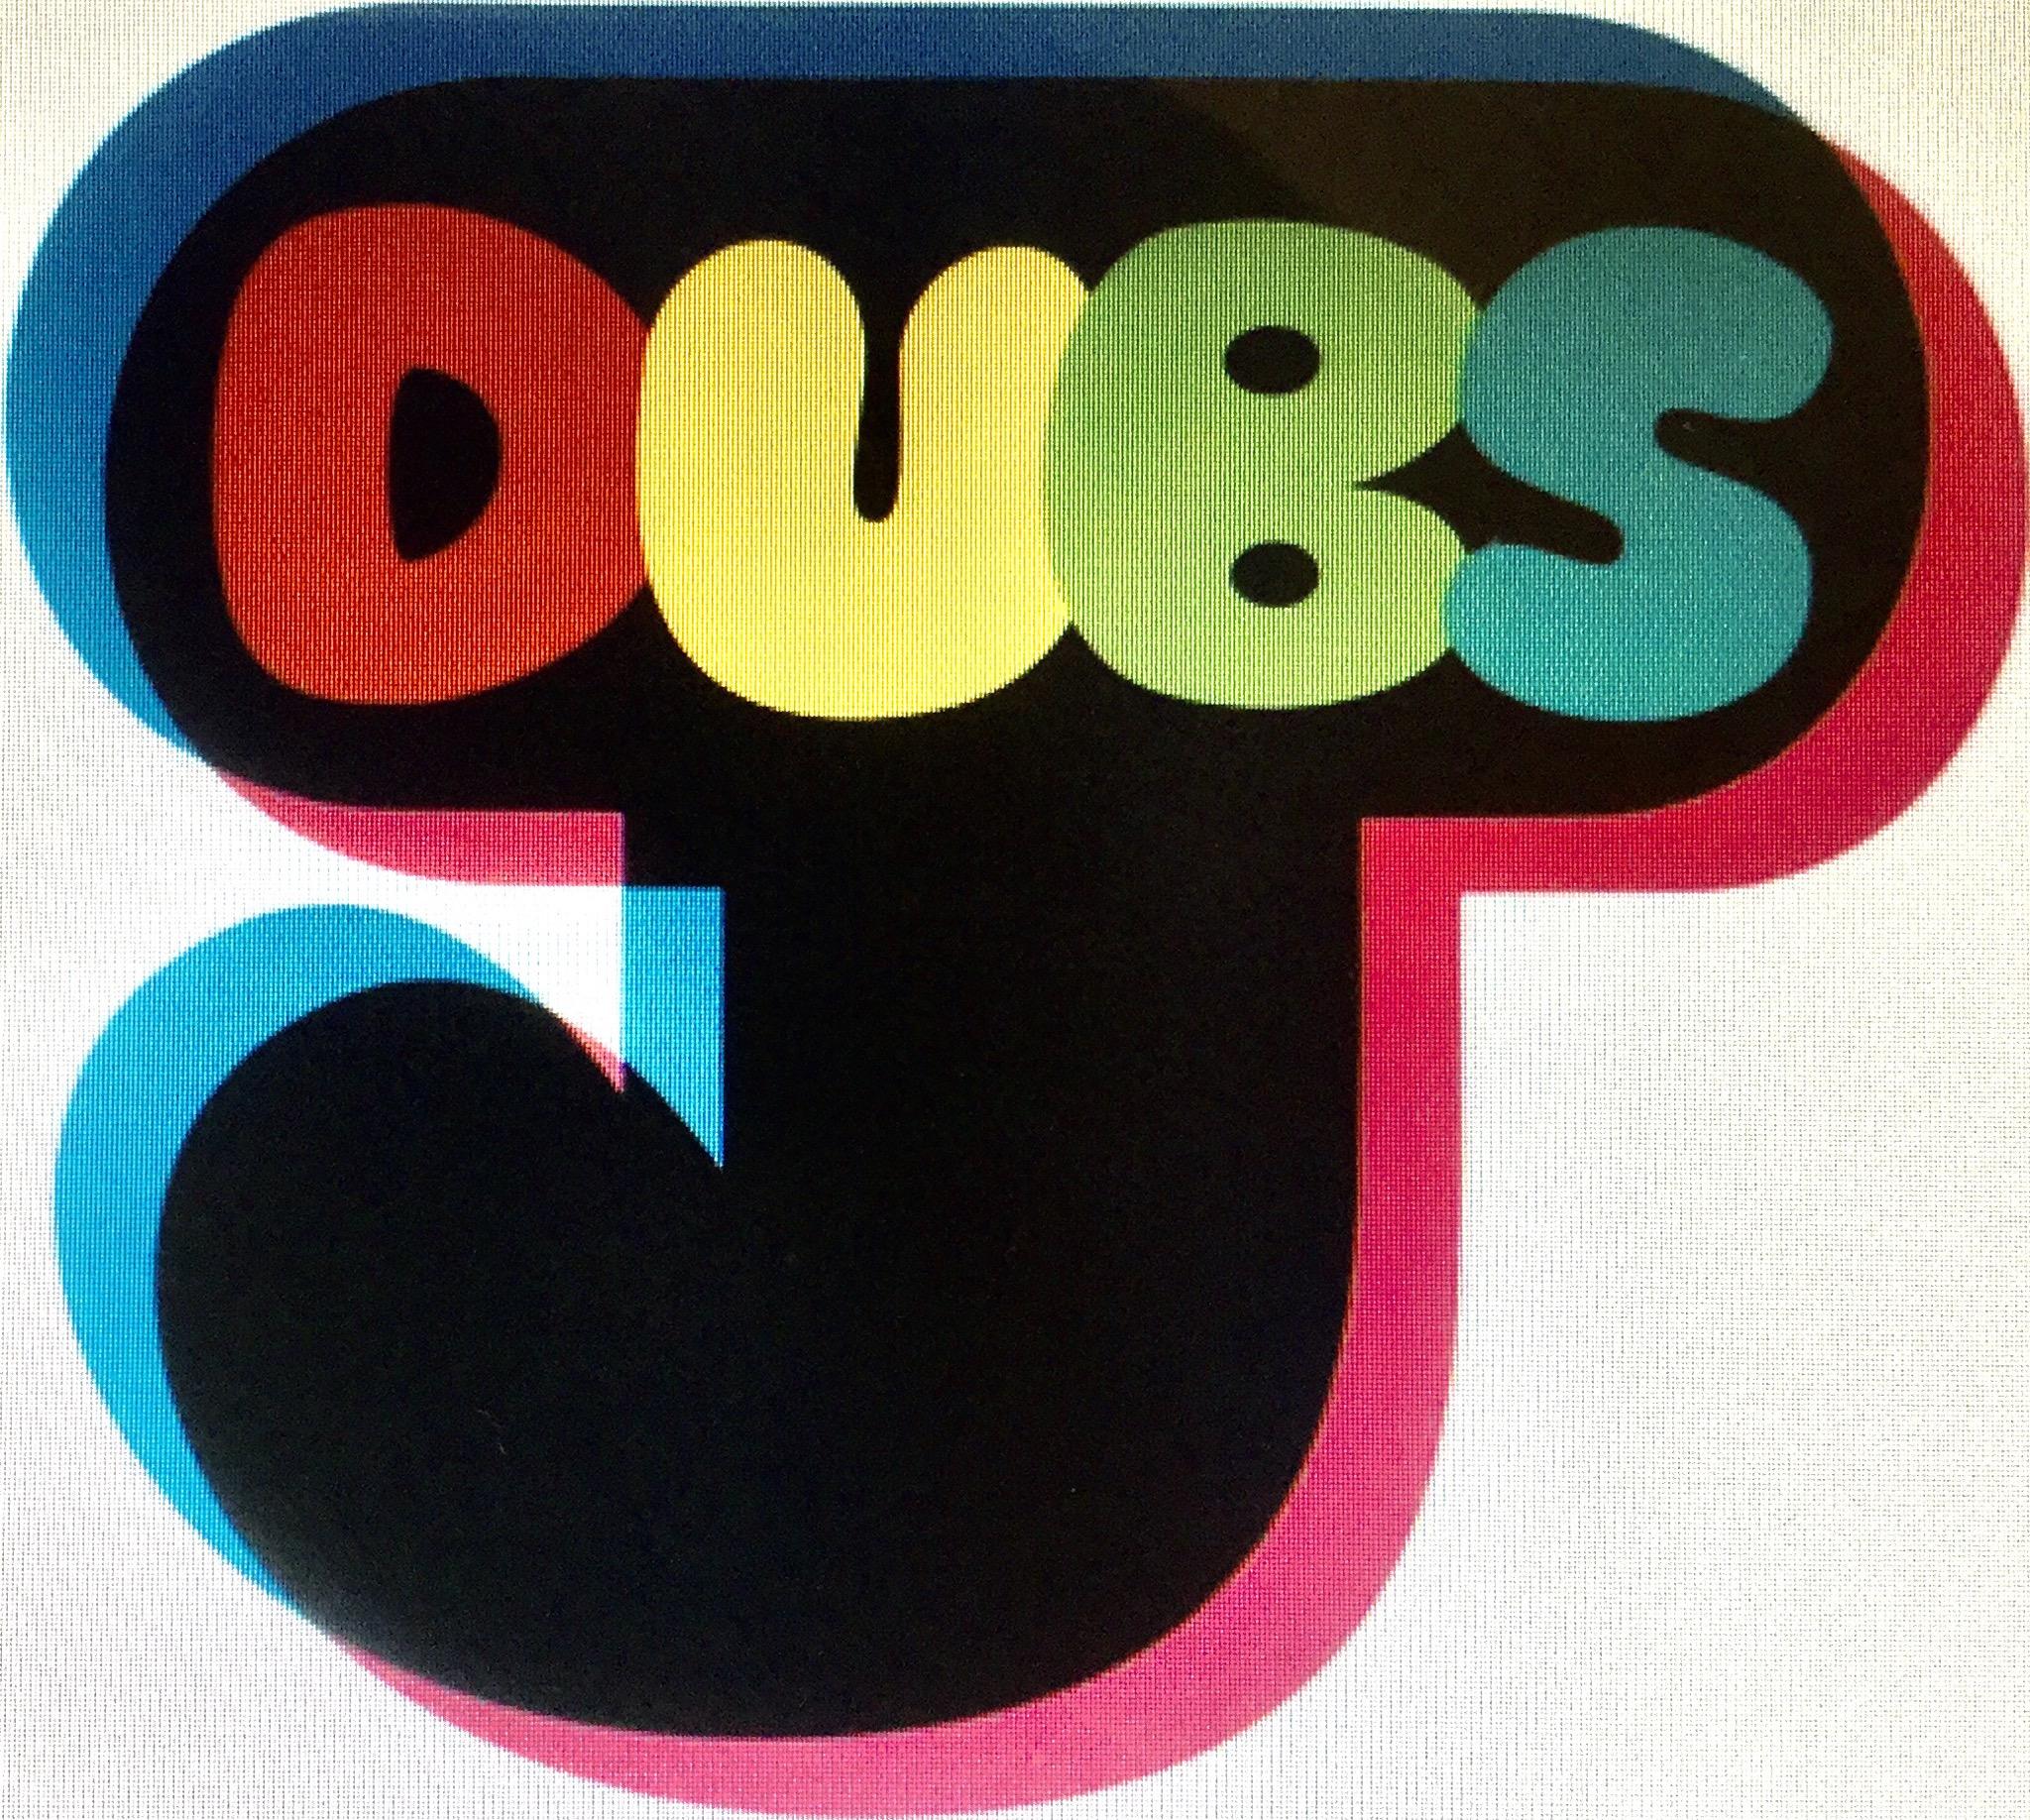 Dubs-J